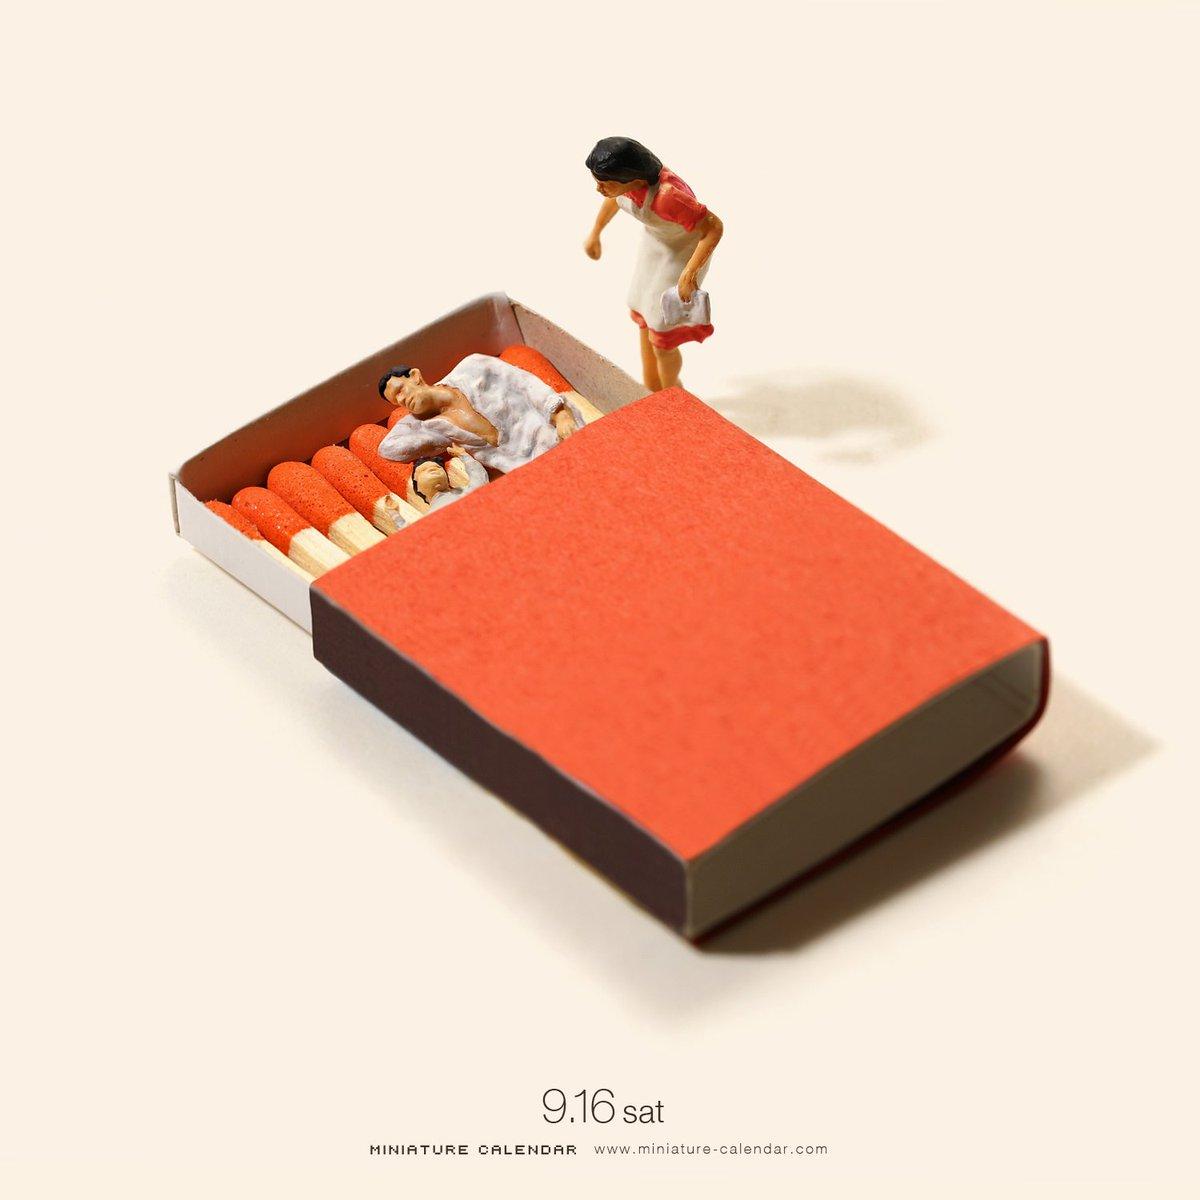 「早く起きなさい。寝坊するわよ」 「もうちょっとマッチ!」   #マッチの日 #マッチ箱 #ベッド